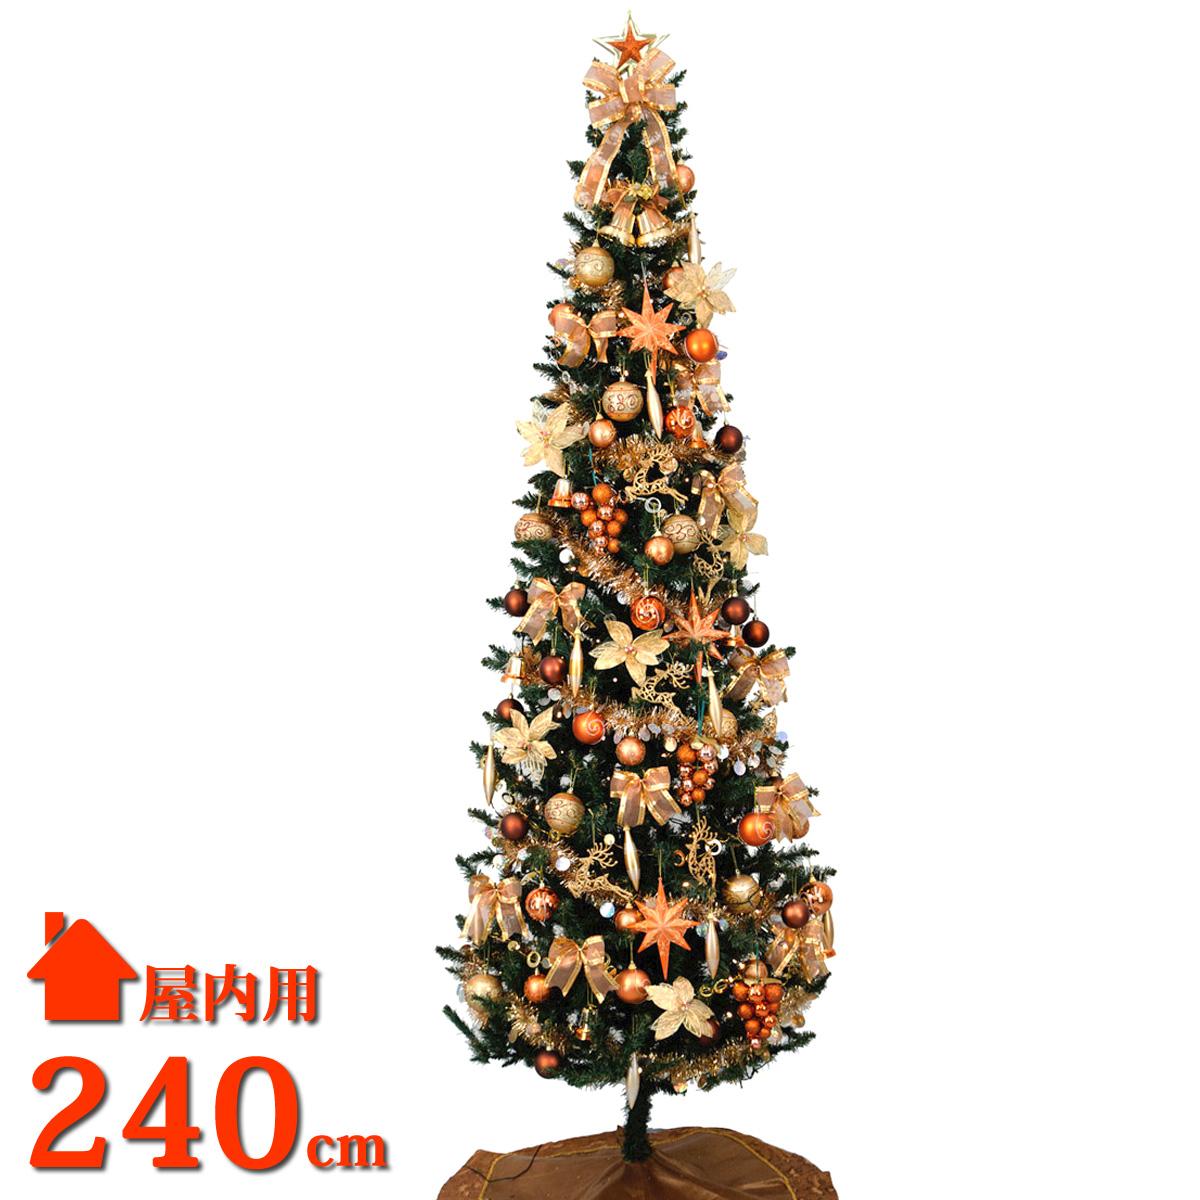 【12/28~1/5】冬期休暇 クリスマスツリー スリム 240cm LED ツリーセット コパー ゴールド 北欧 おしゃれ